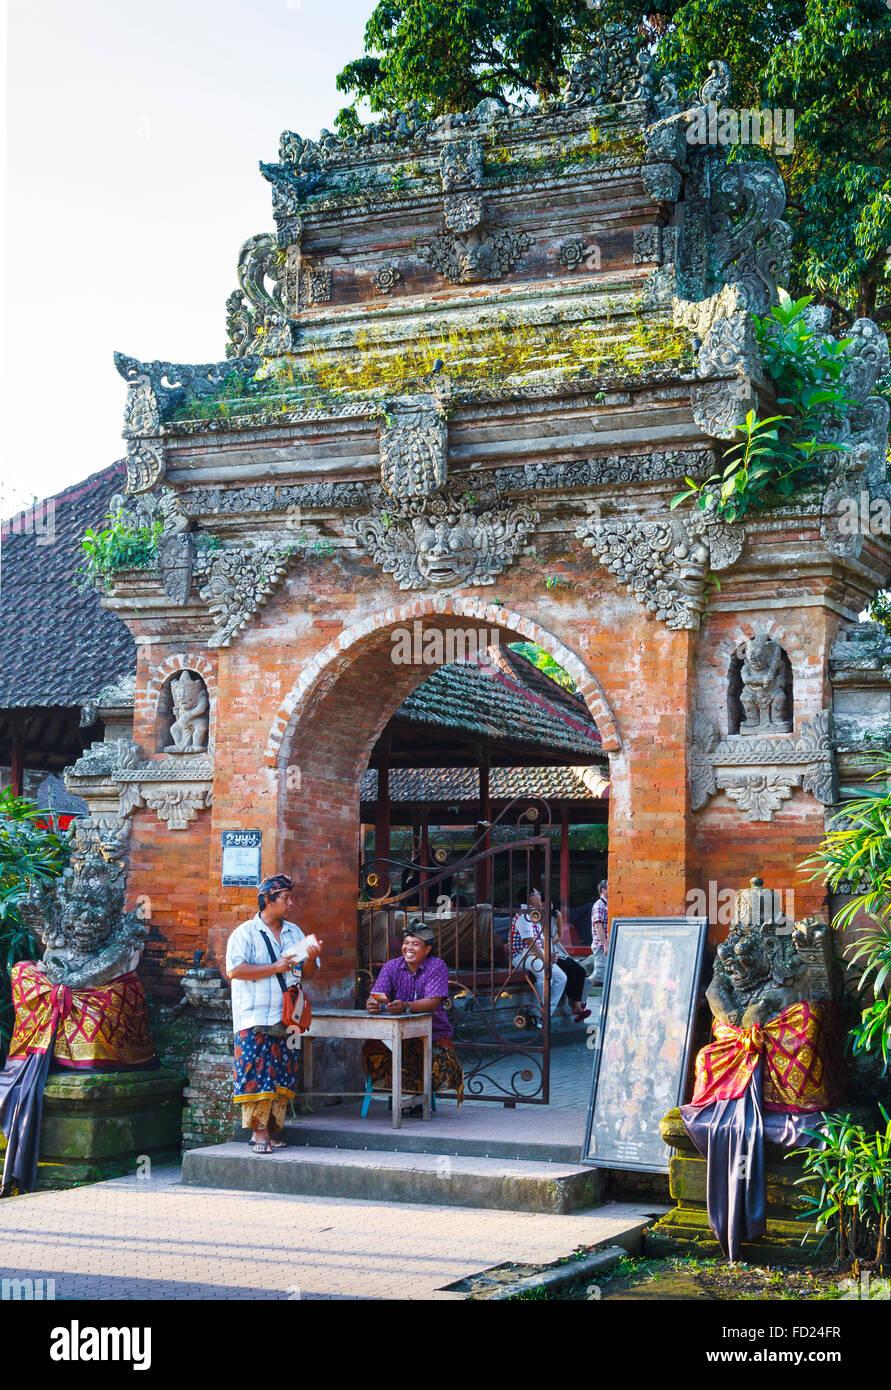 Ubud Palace. Ubud. Bali. Indonesia. - Stock Image